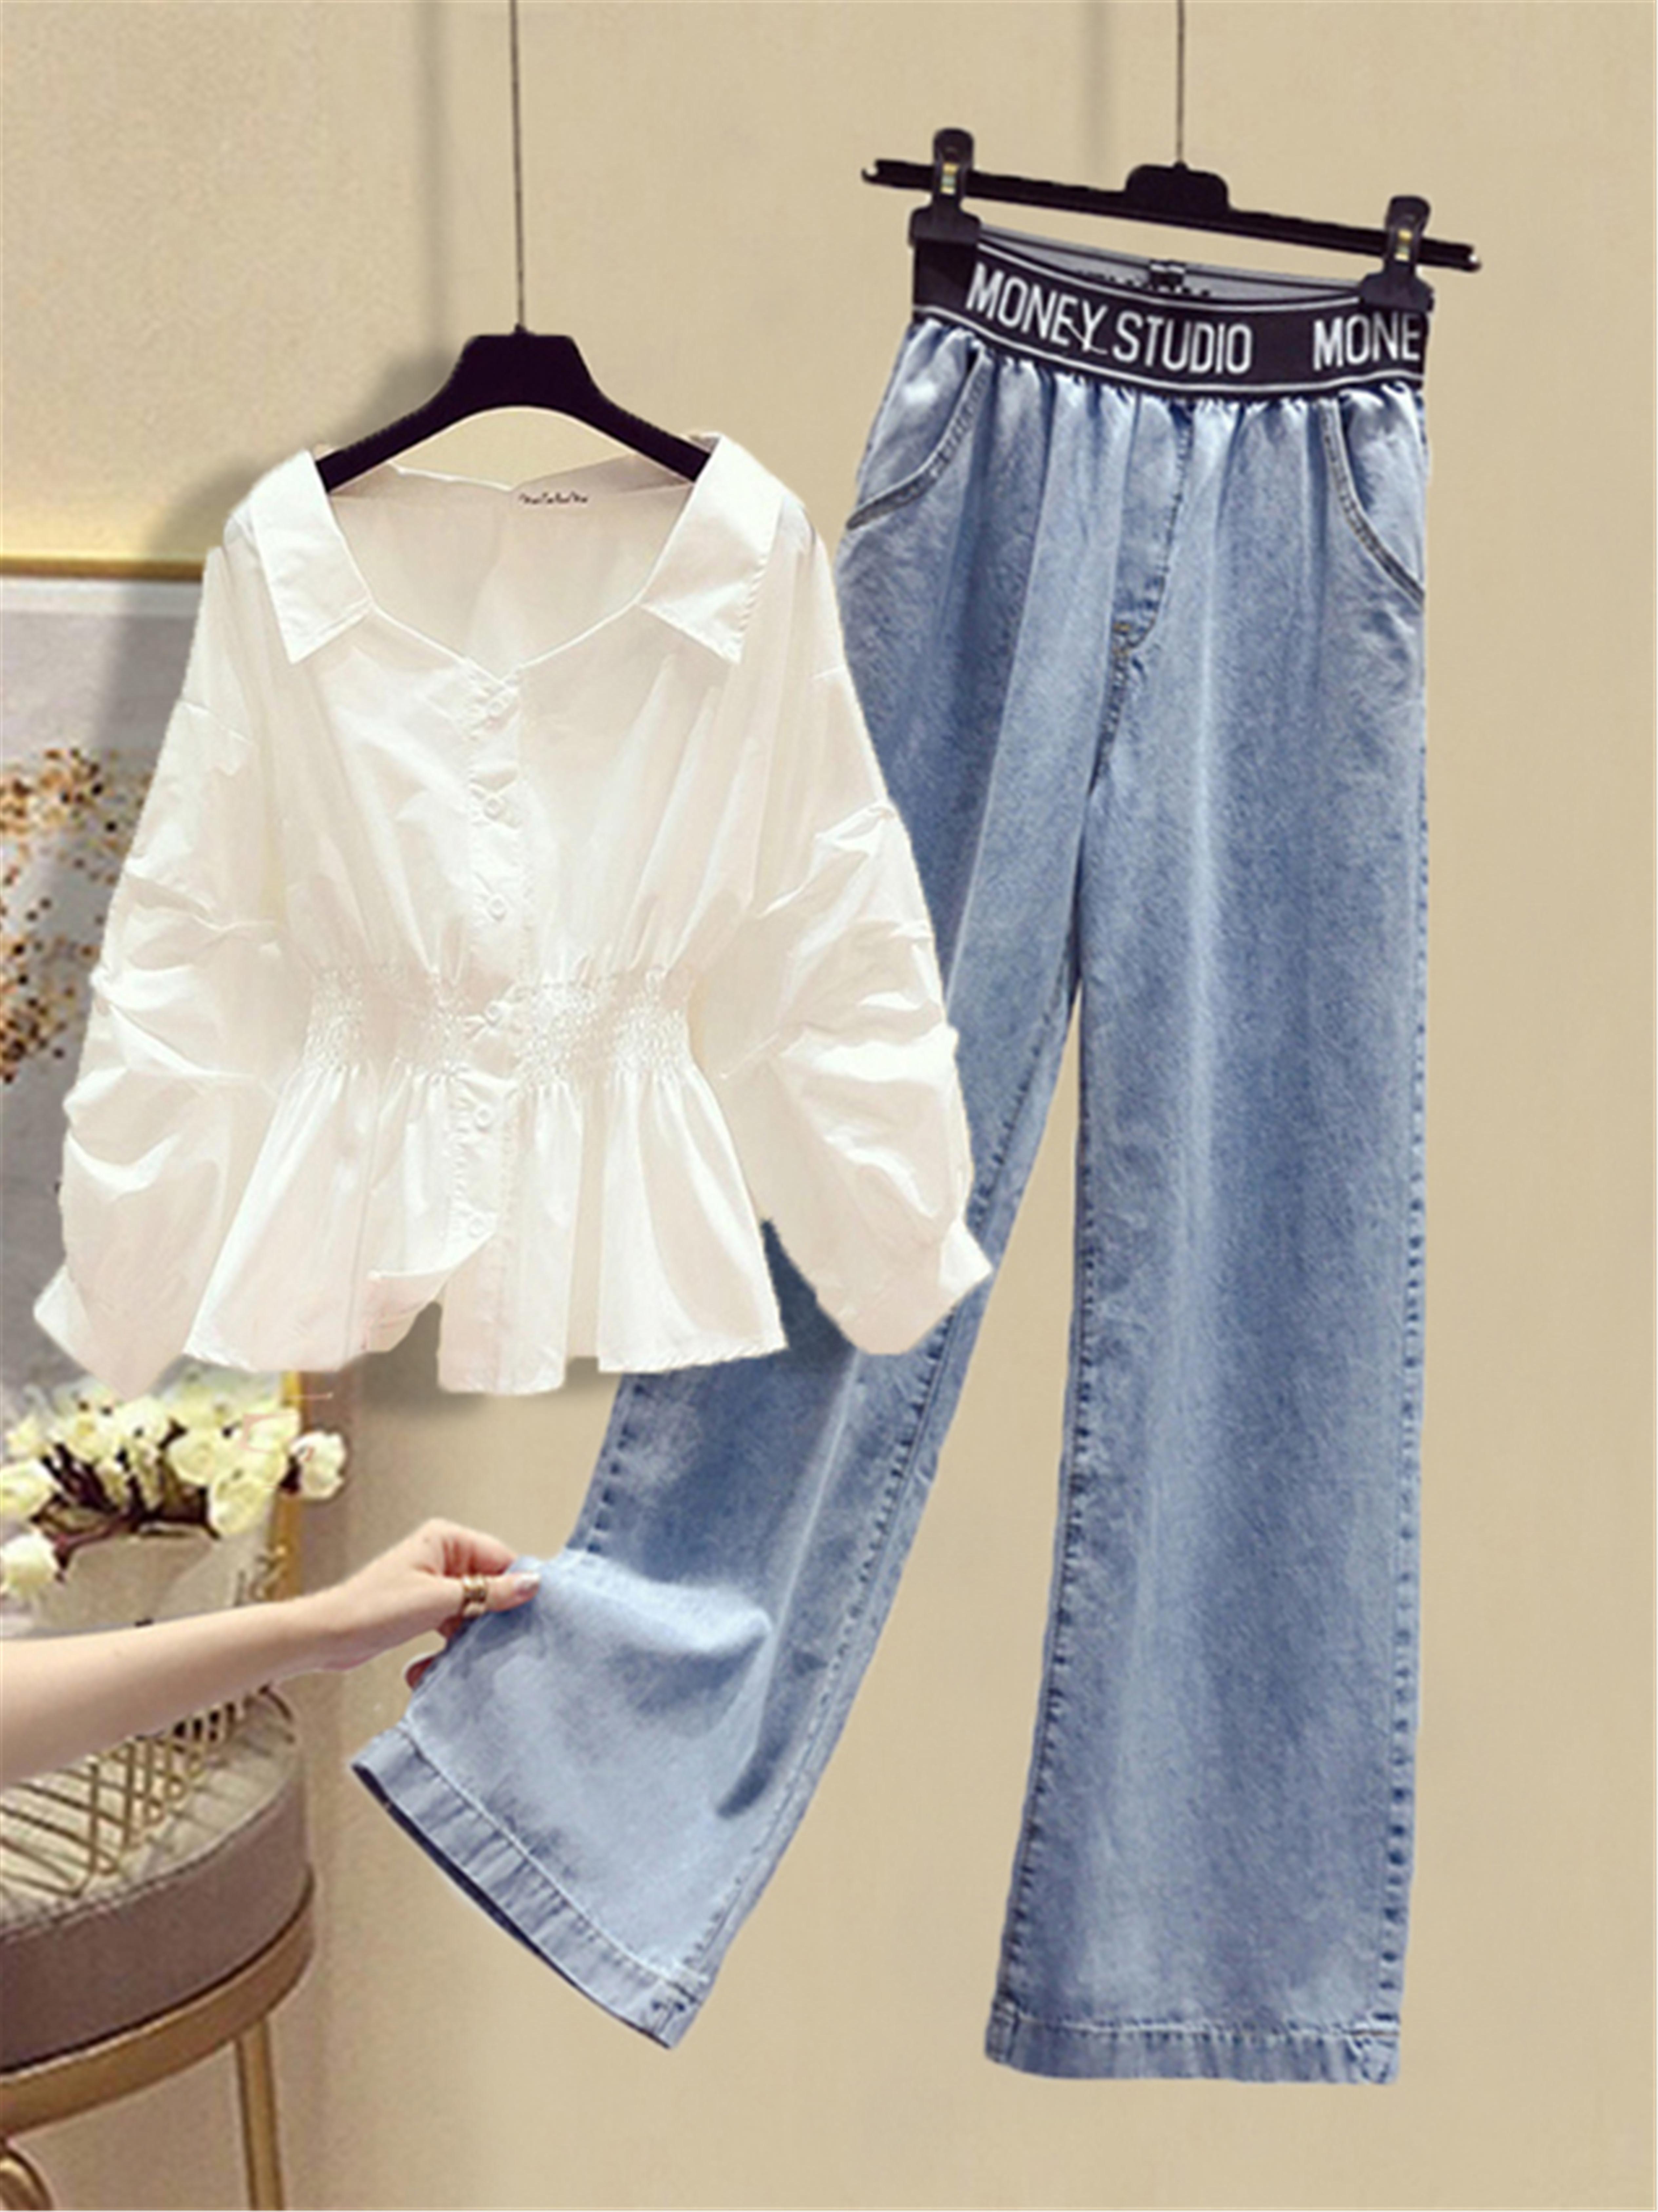 春装阔腿裤女时尚套装两件套胖妹妹微胖子显瘦穿搭白色衬衫牛仔裤